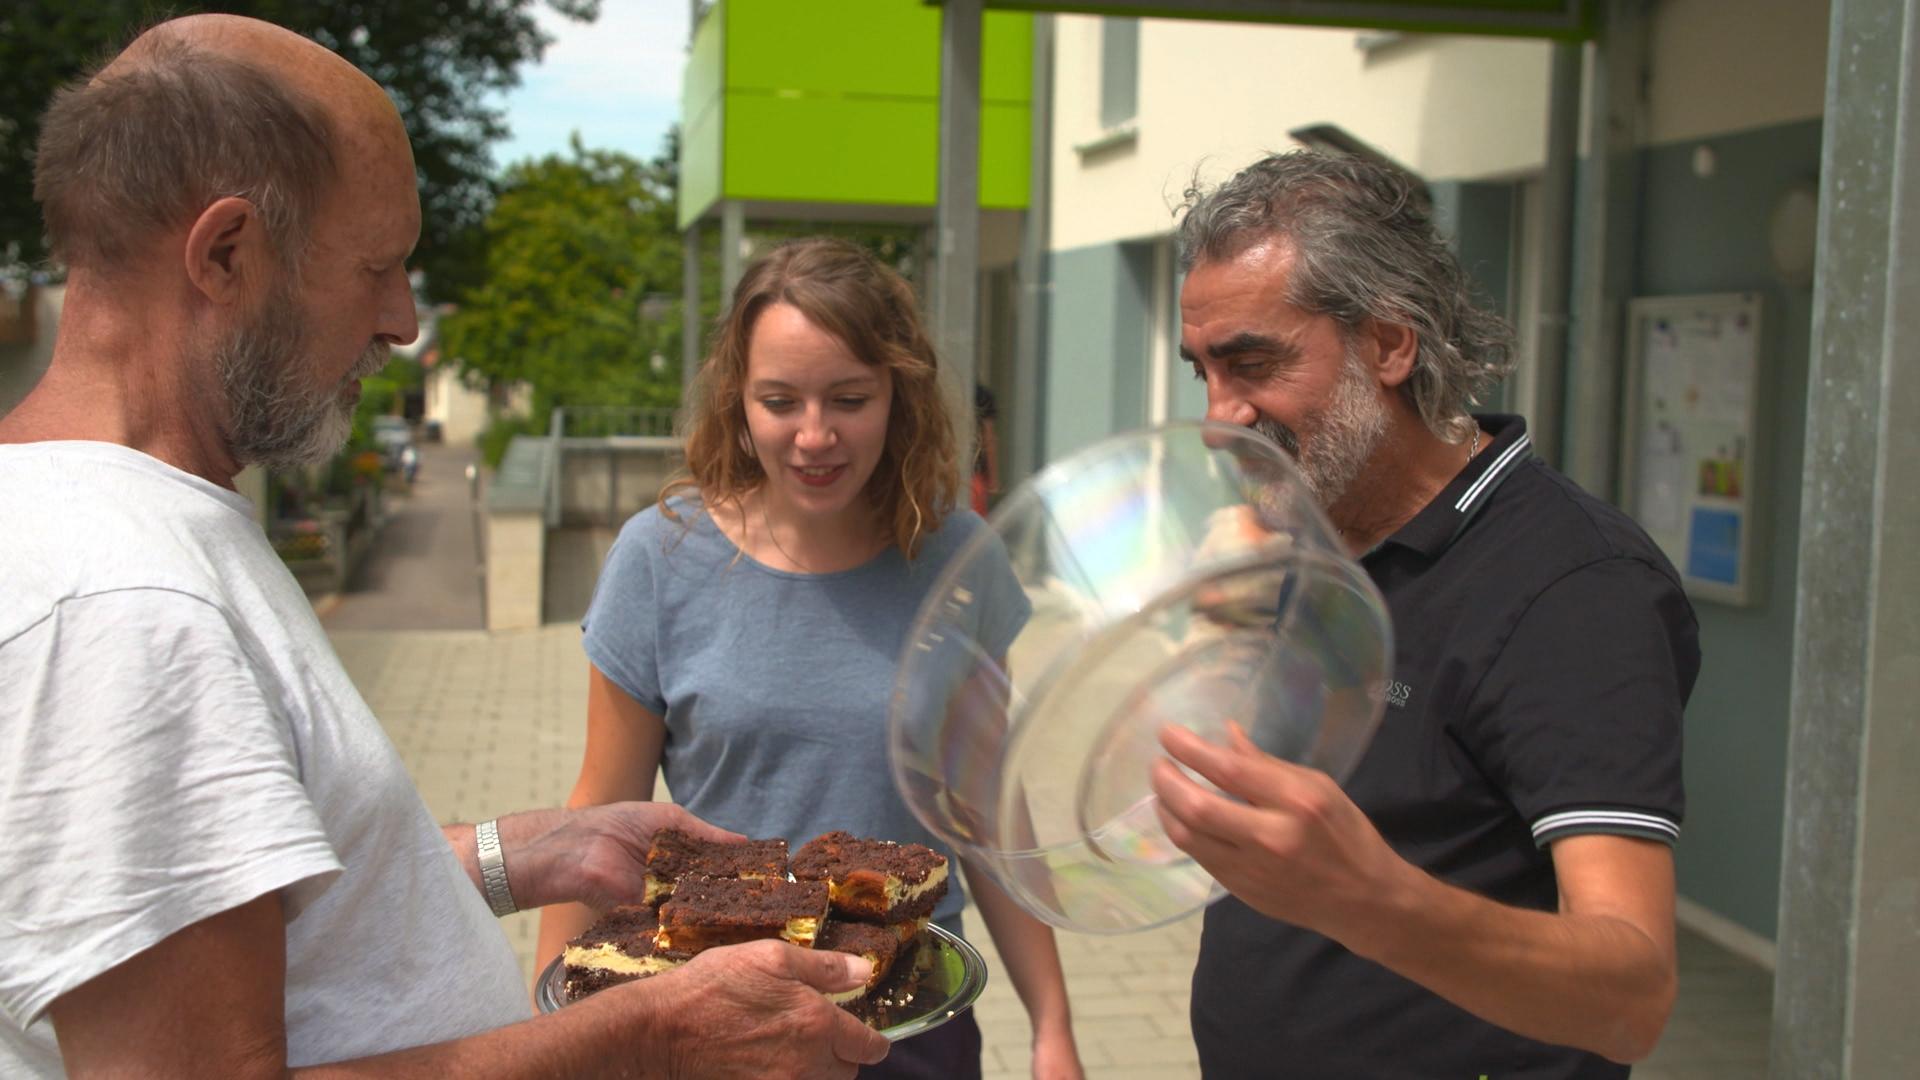 Das Esslinger Wohncafé motiviert Menschen, aktiv ihre Nachbarschaft und das Miteinander zu gestalten.